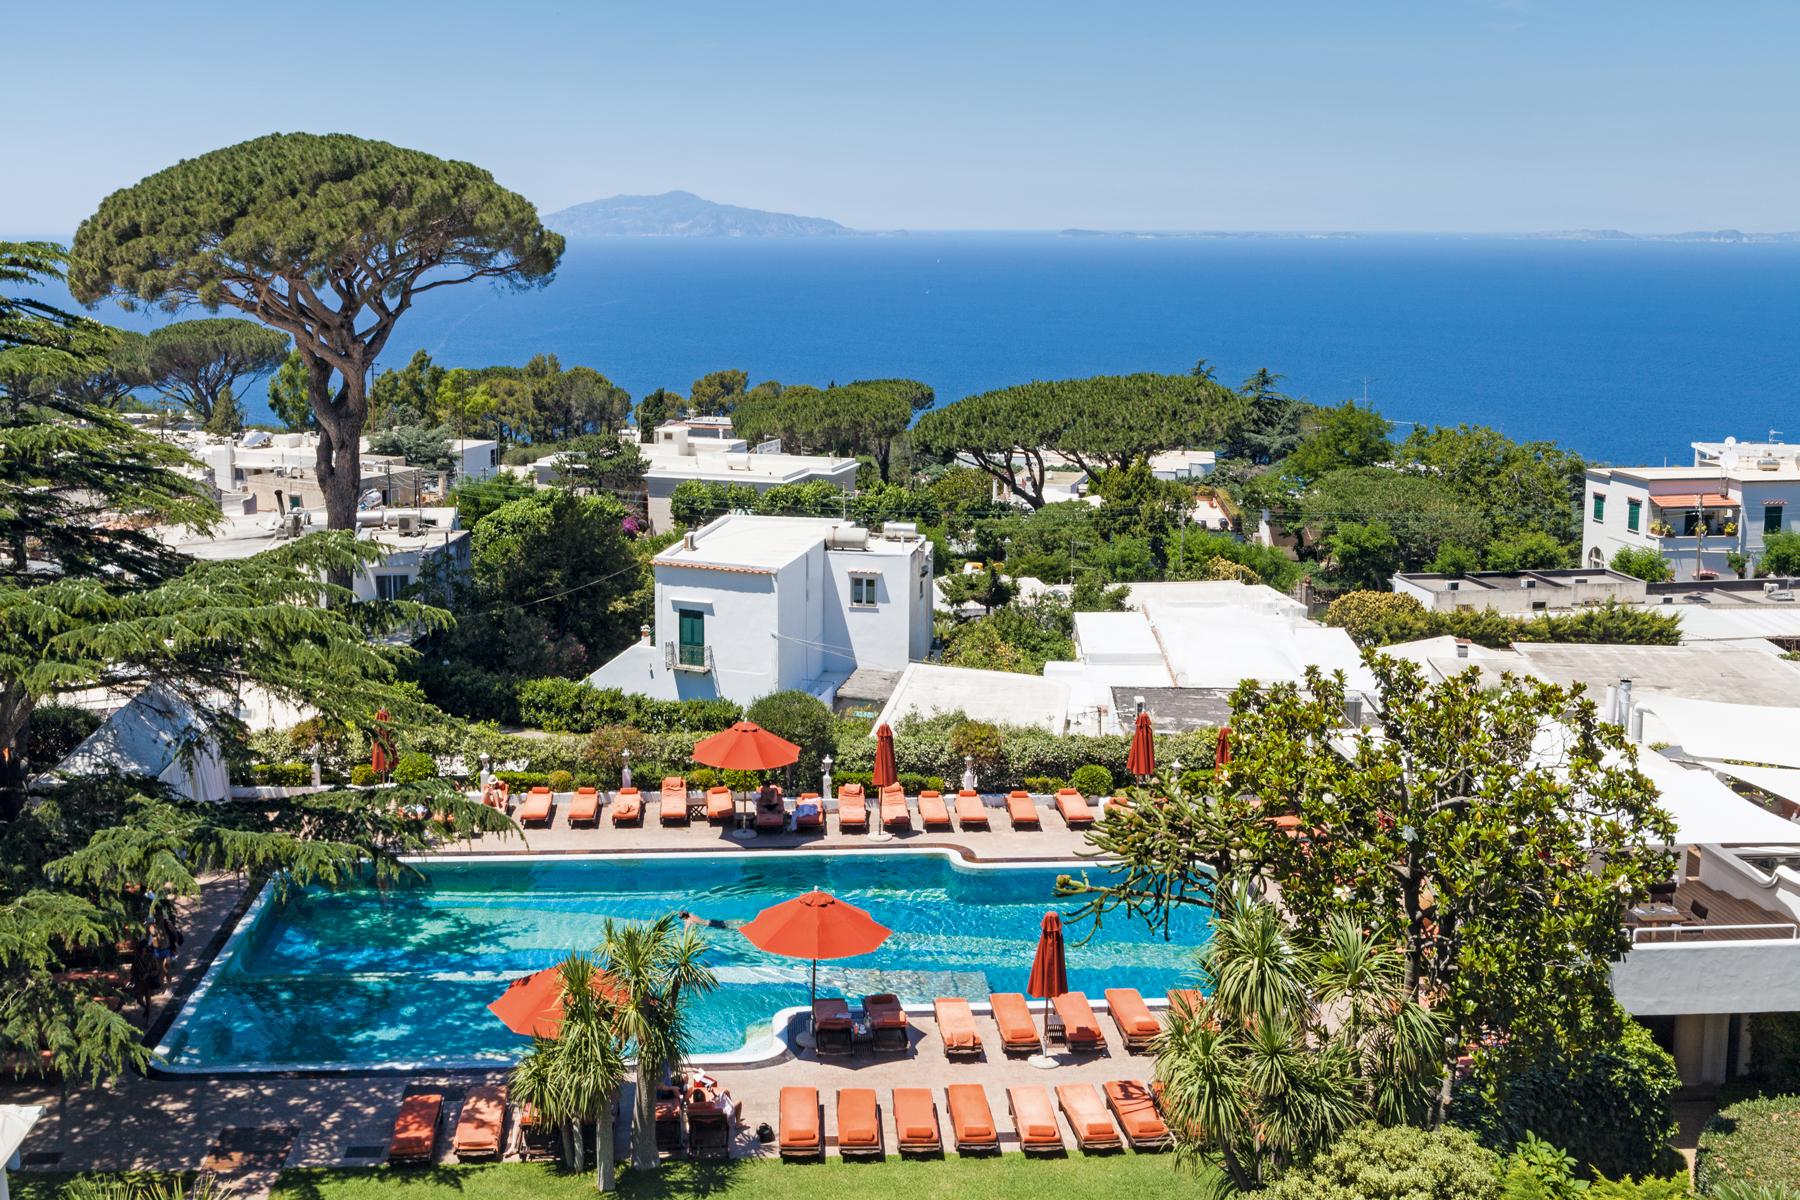 Capri Palace Anacapri Italy swimwear designer melissa odabash's go-to island hotel